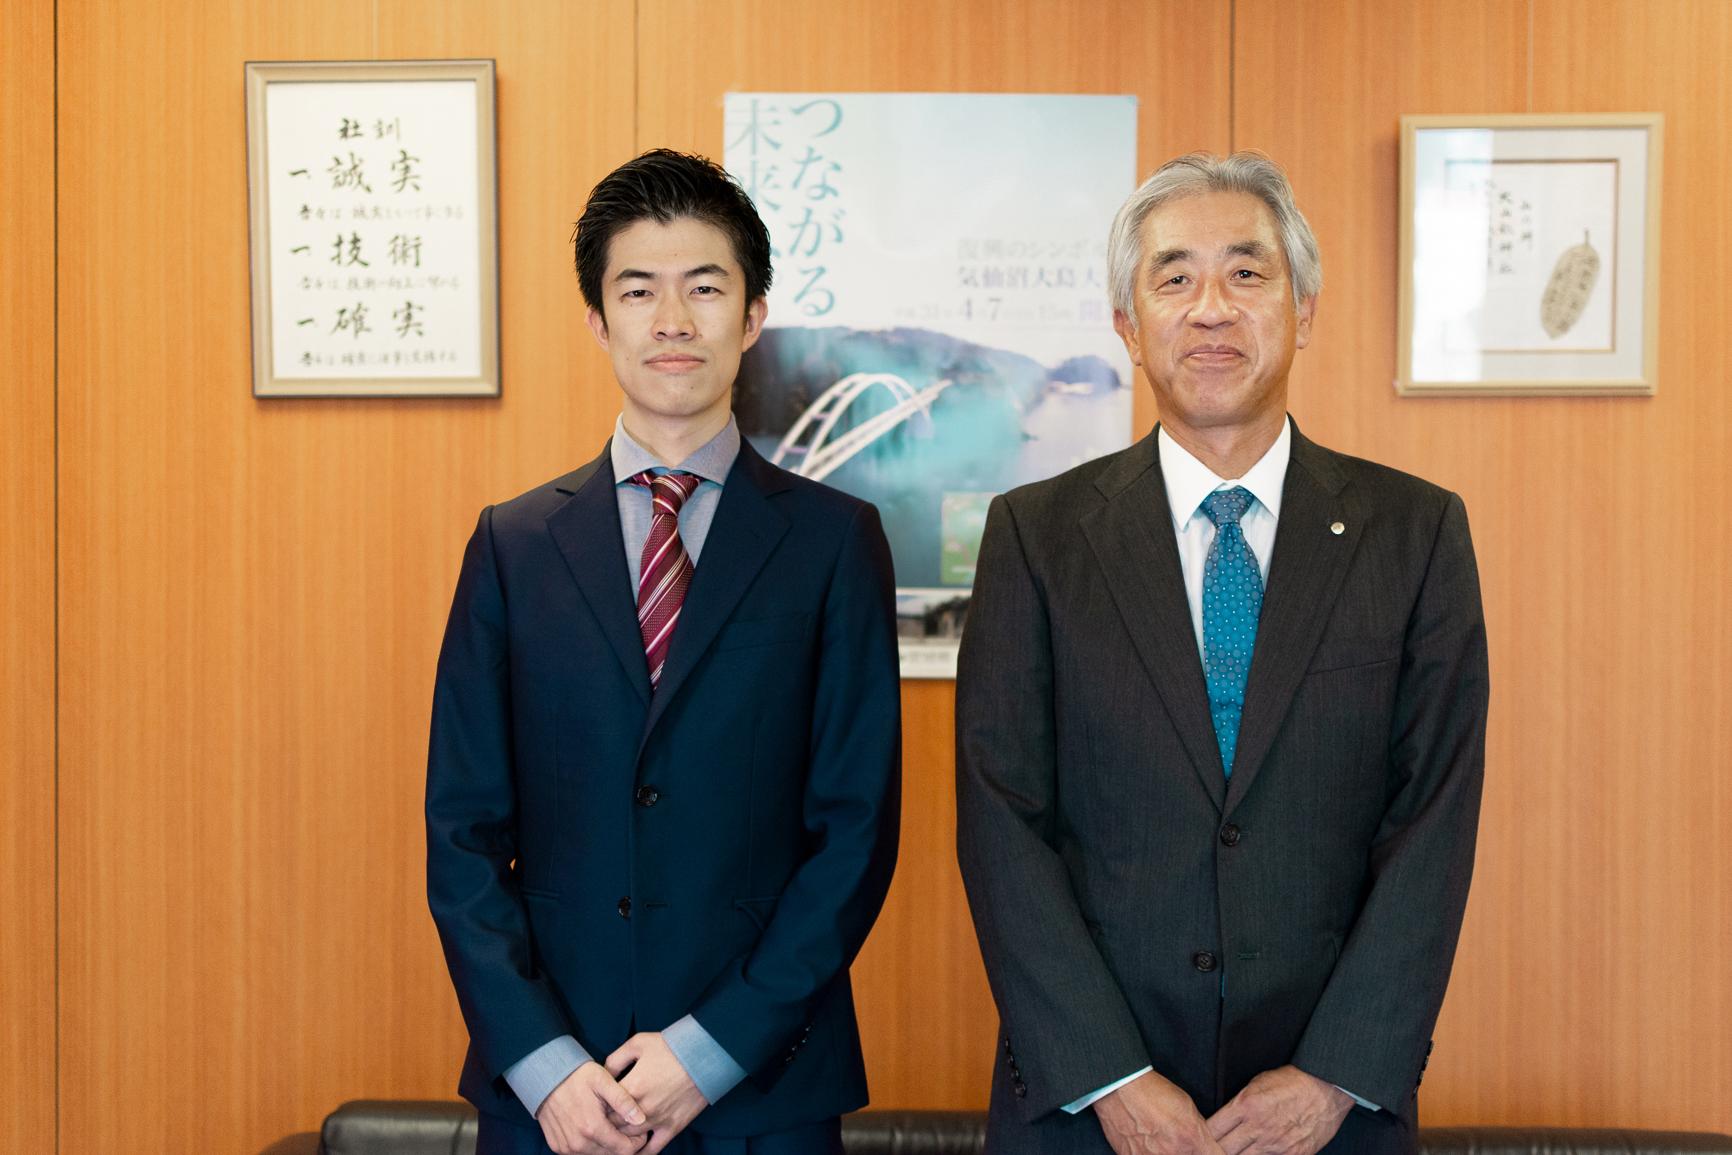 ドローン活用に向けた教育プログラム 大日本コンサルタント×FLIGHTS 操縦技術認定での協業開始